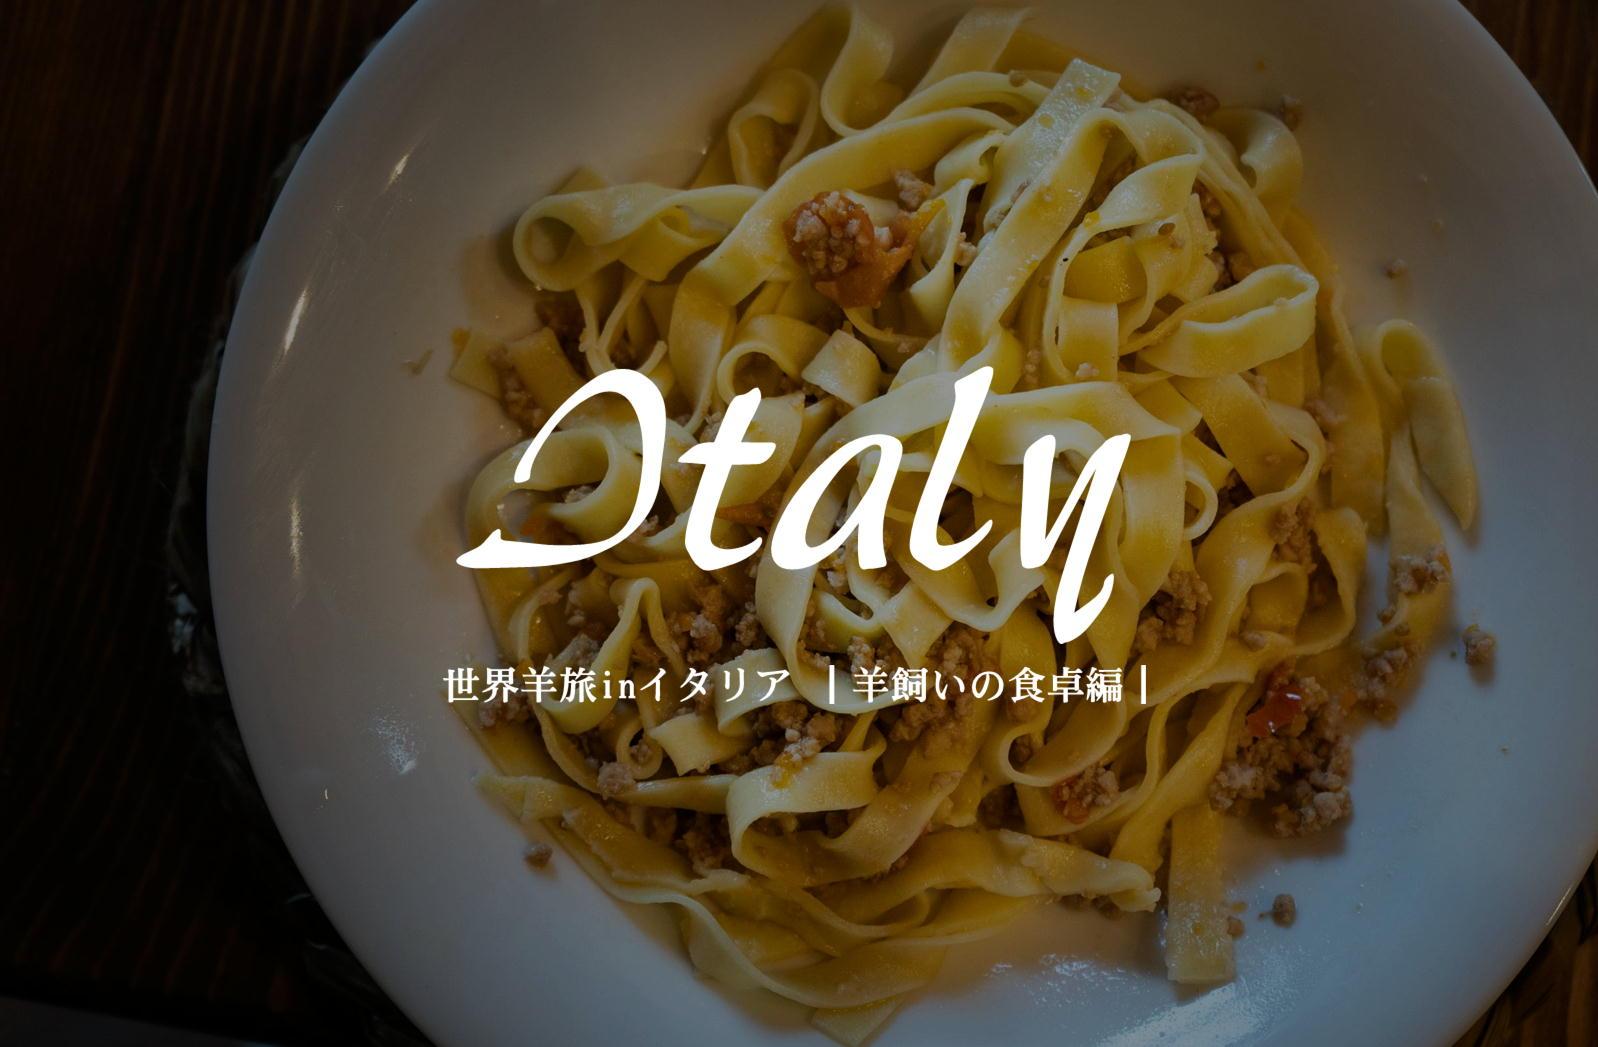 羊飼いの食卓【イタリア/プラトヴェッキオ・スティーア】